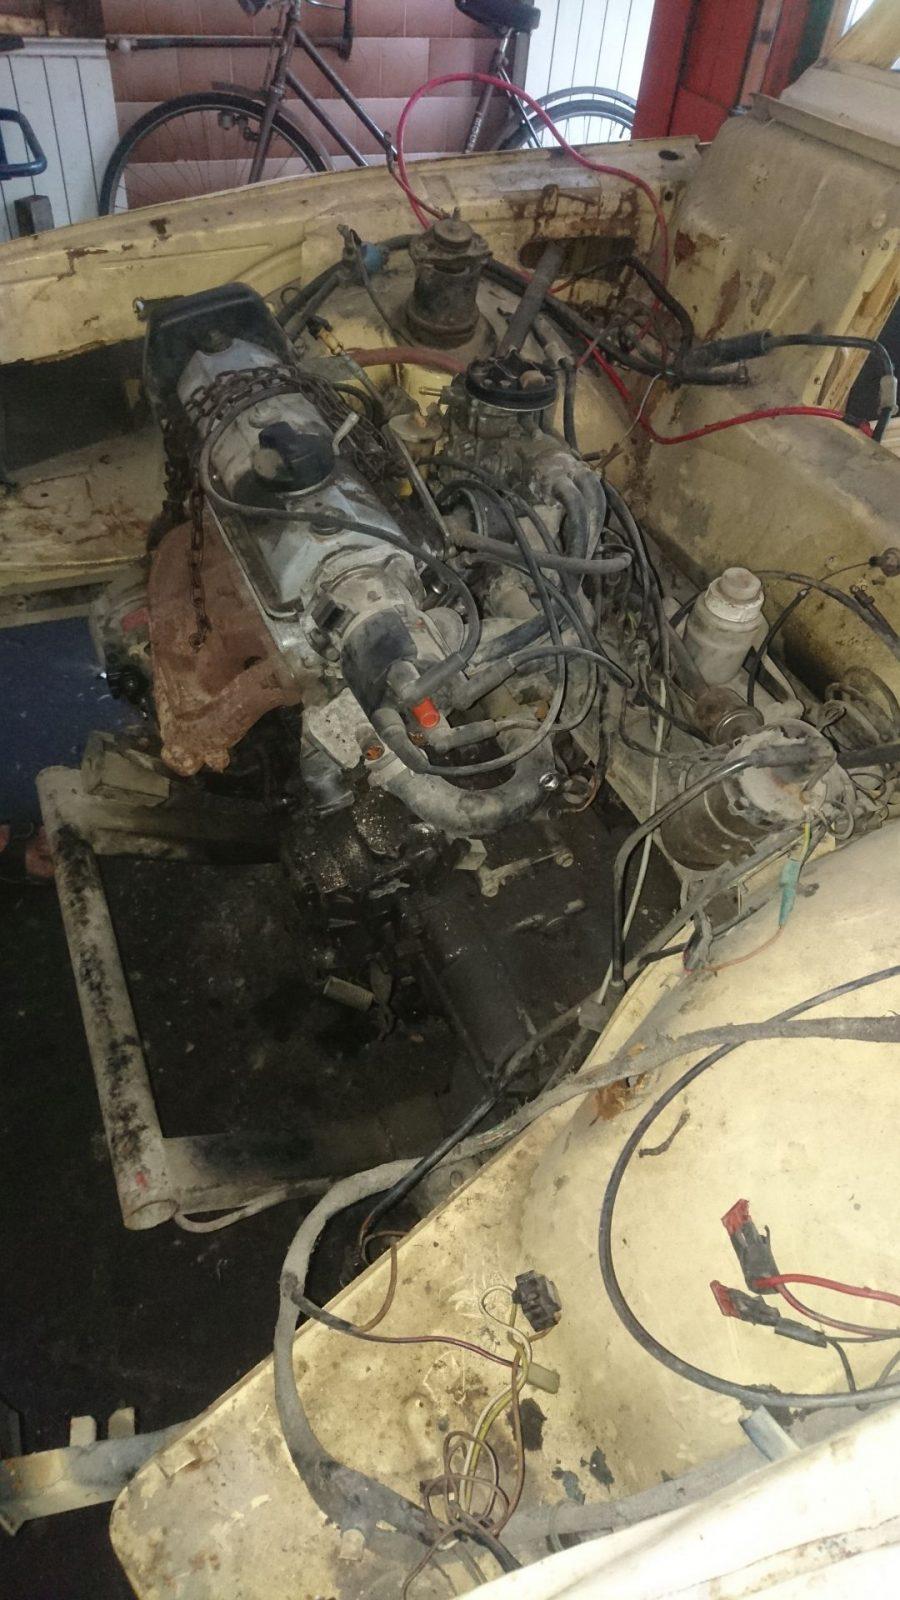 Alle Schrauben und Schläuche sowie die Antriebswellen wurden gelöst und mittels Flaschenzug kann der Motor dann raus gehoben werden.